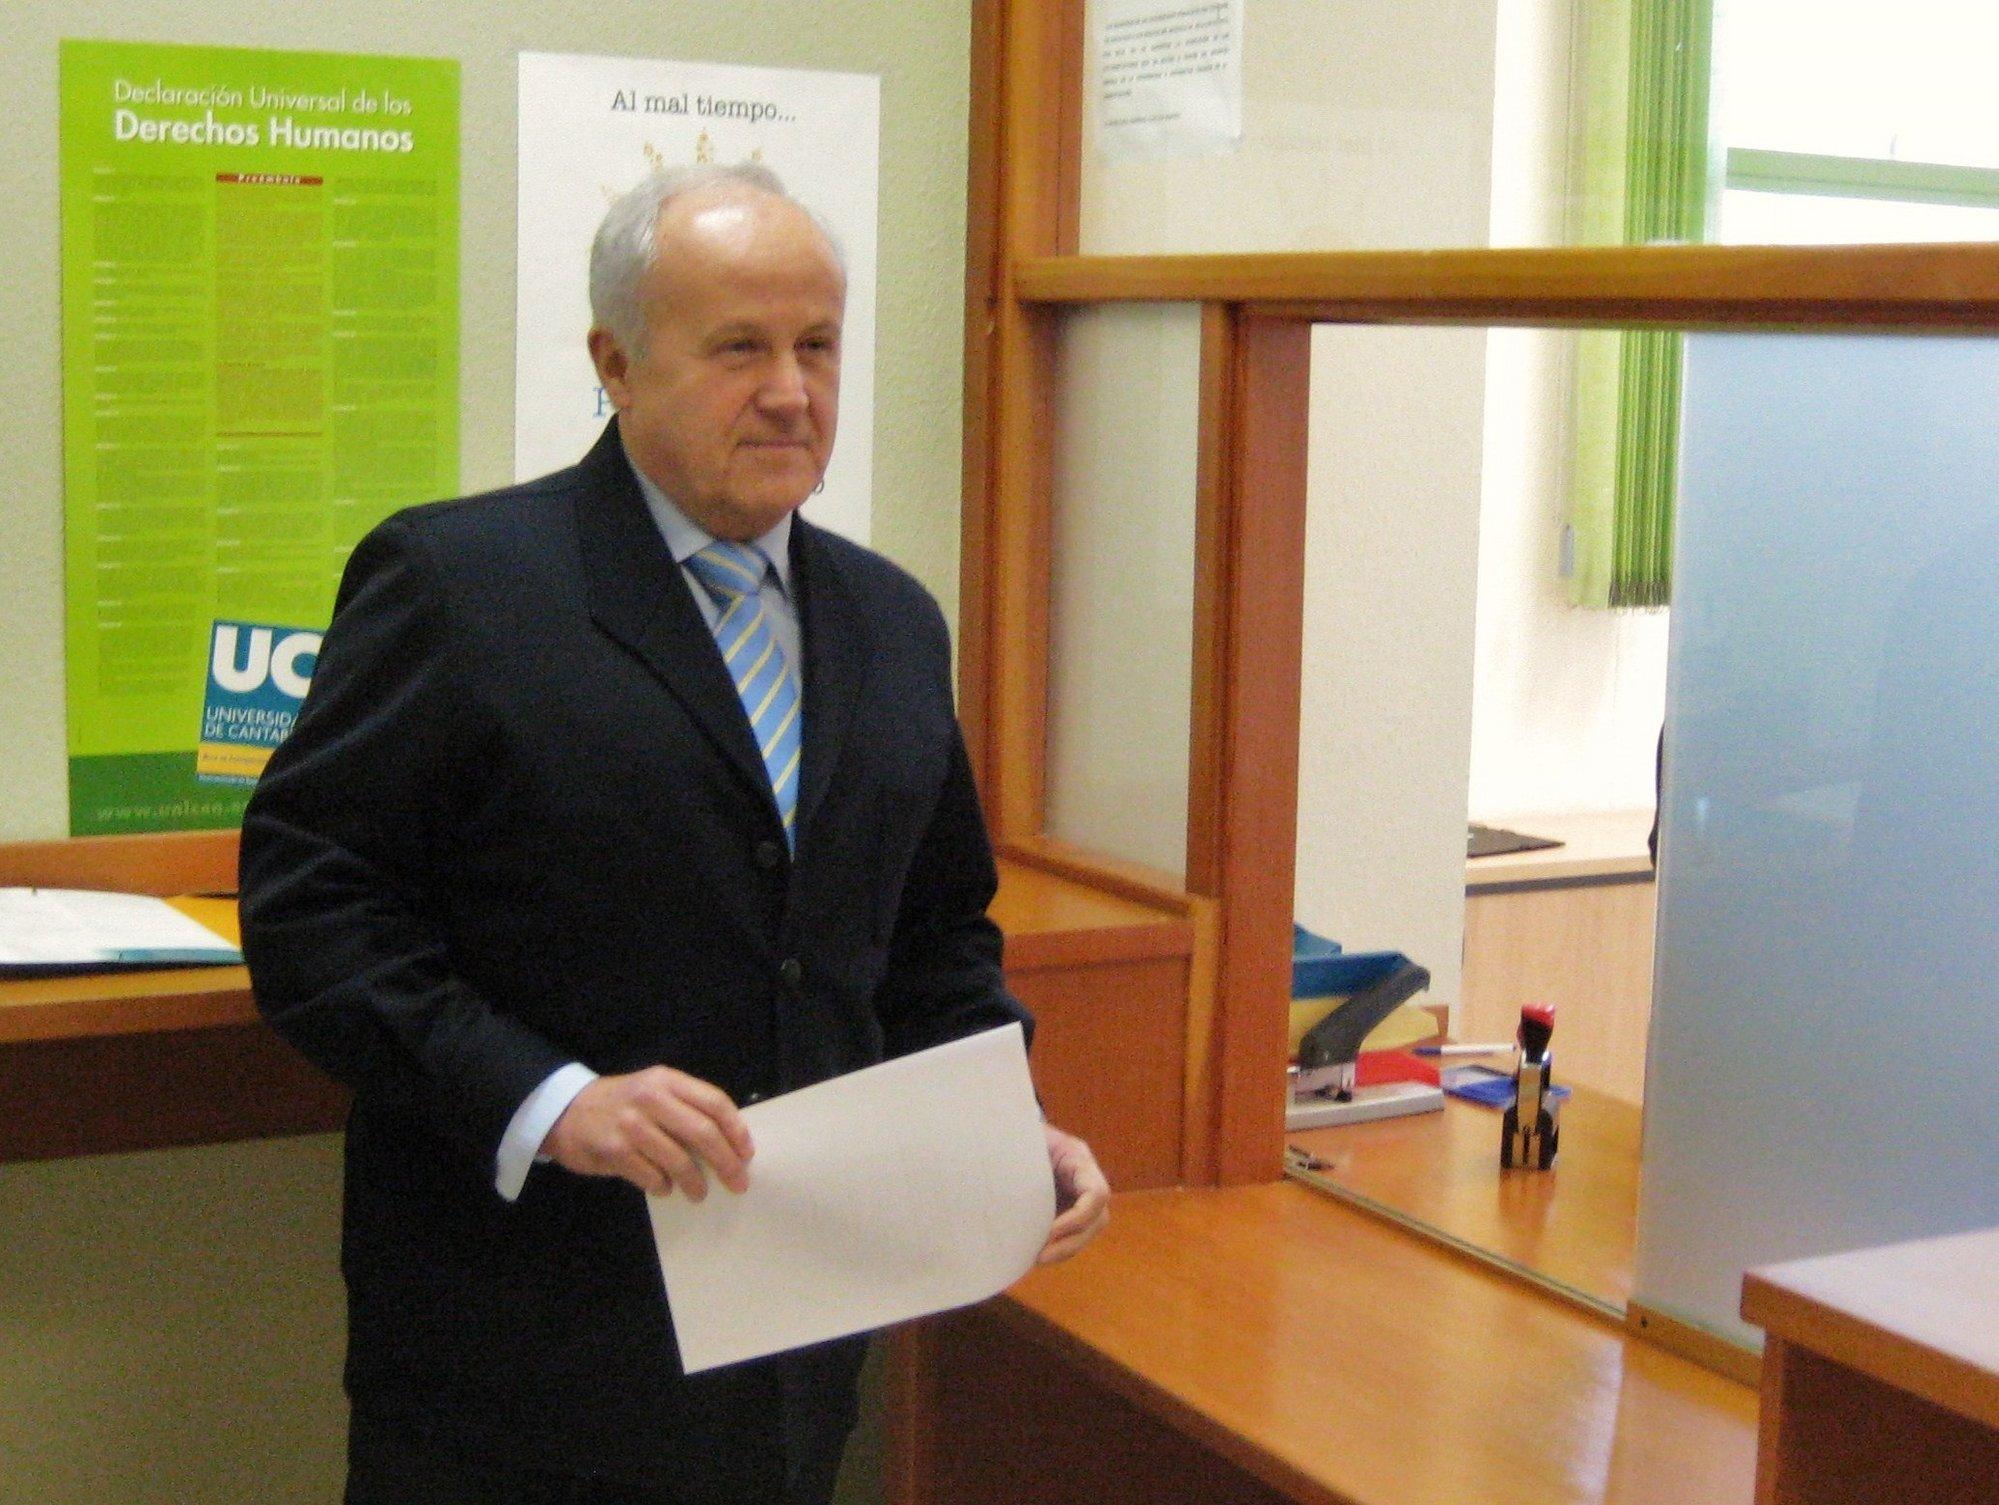 Eduardo Mora reivindica que el «principal patrimonio» de la Universidad son las personas